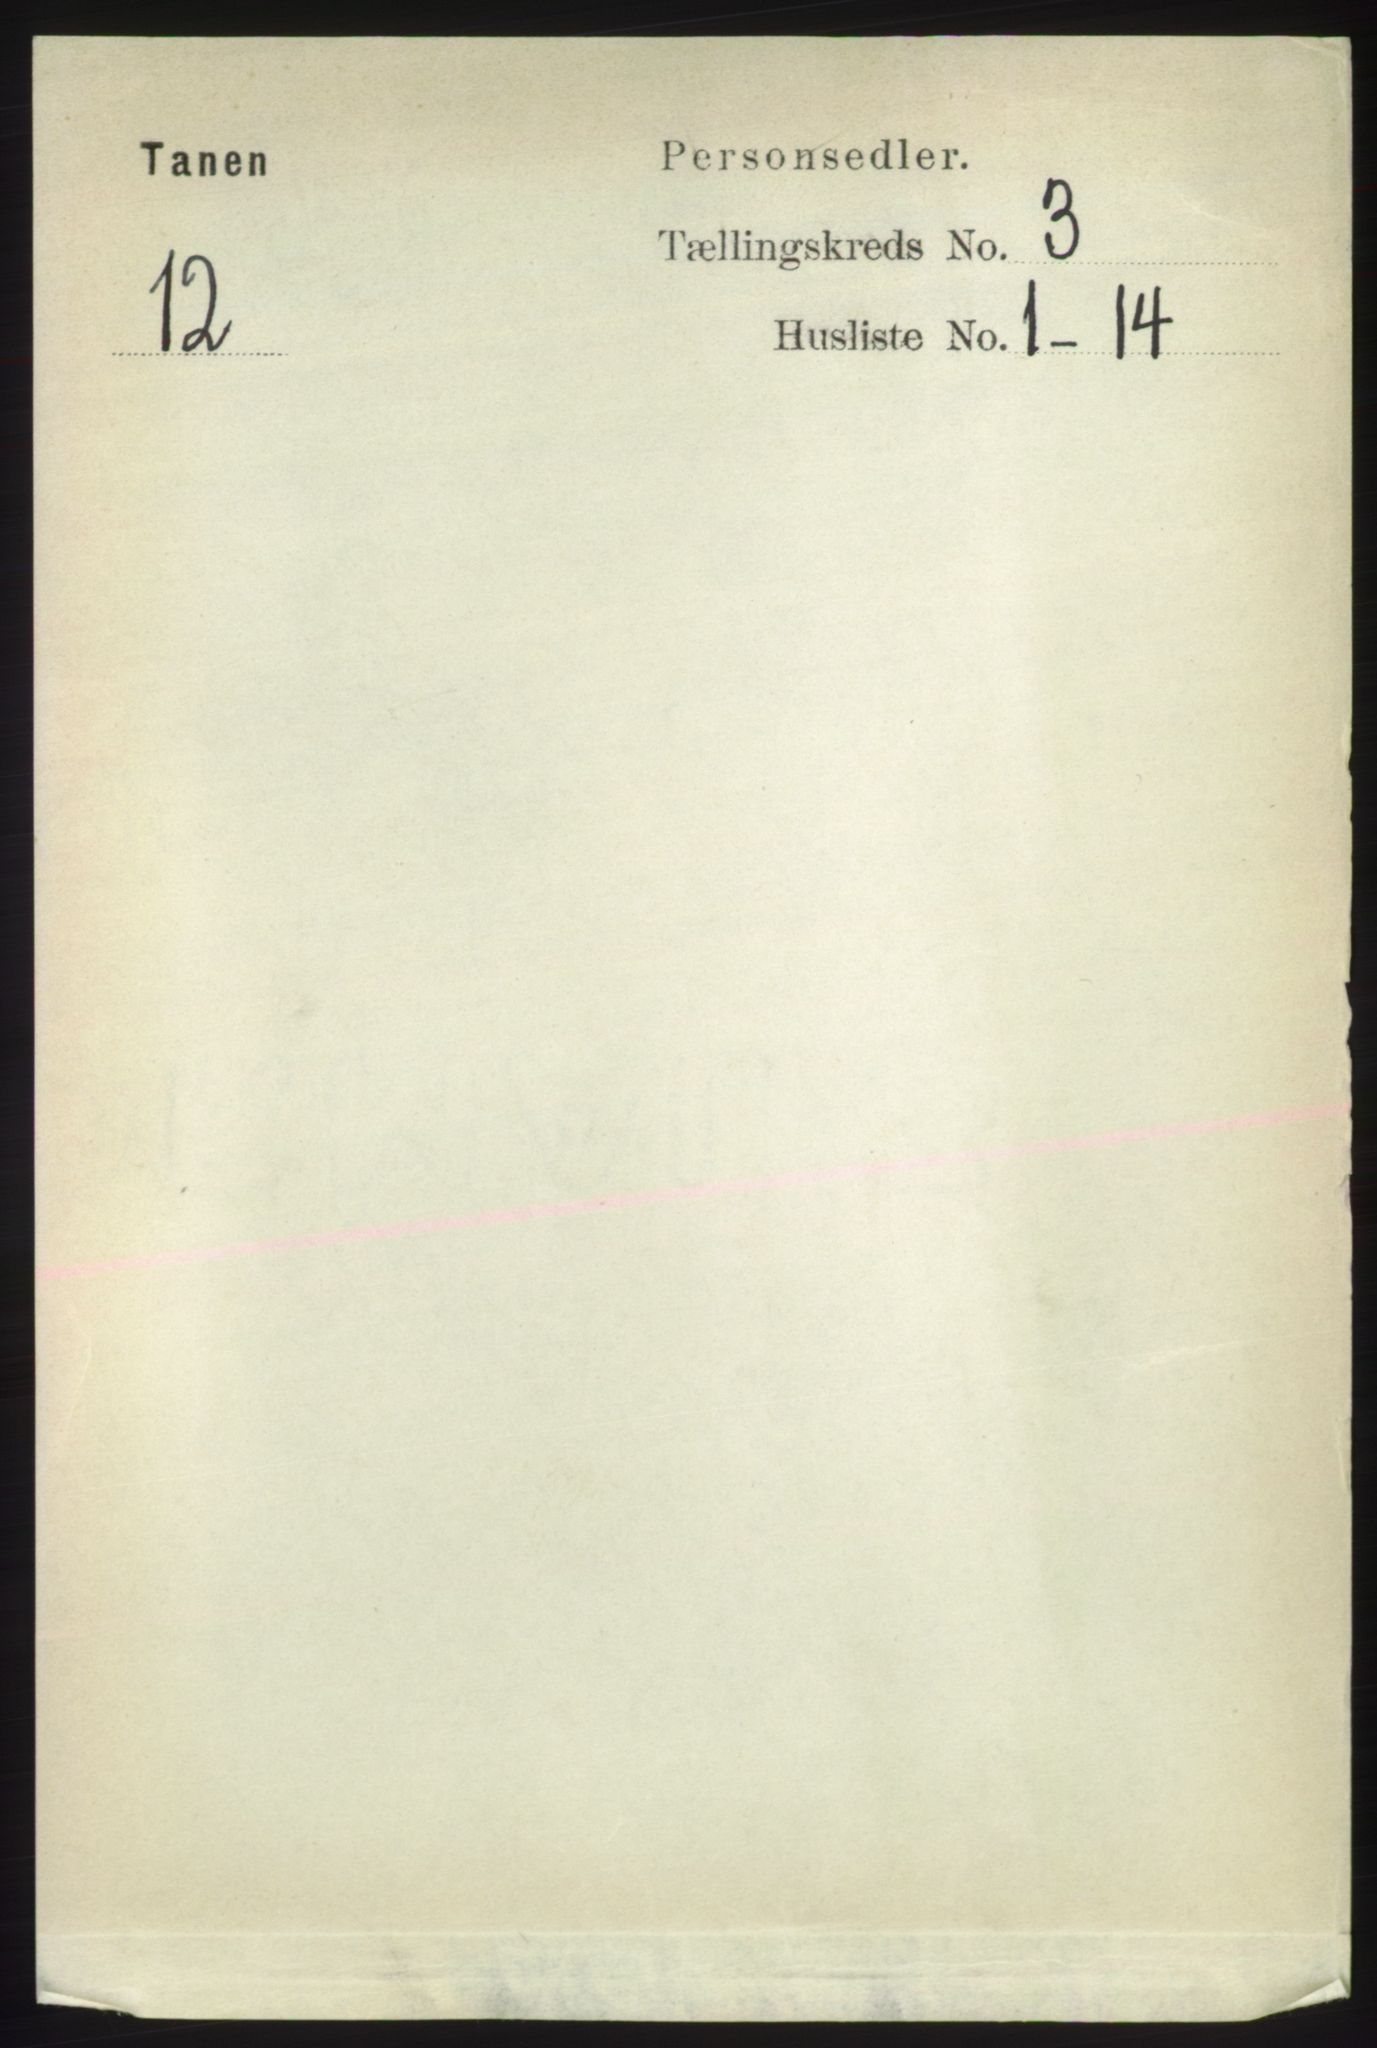 RA, Folketelling 1891 for 2025 Tana herred, 1891, s. 1503